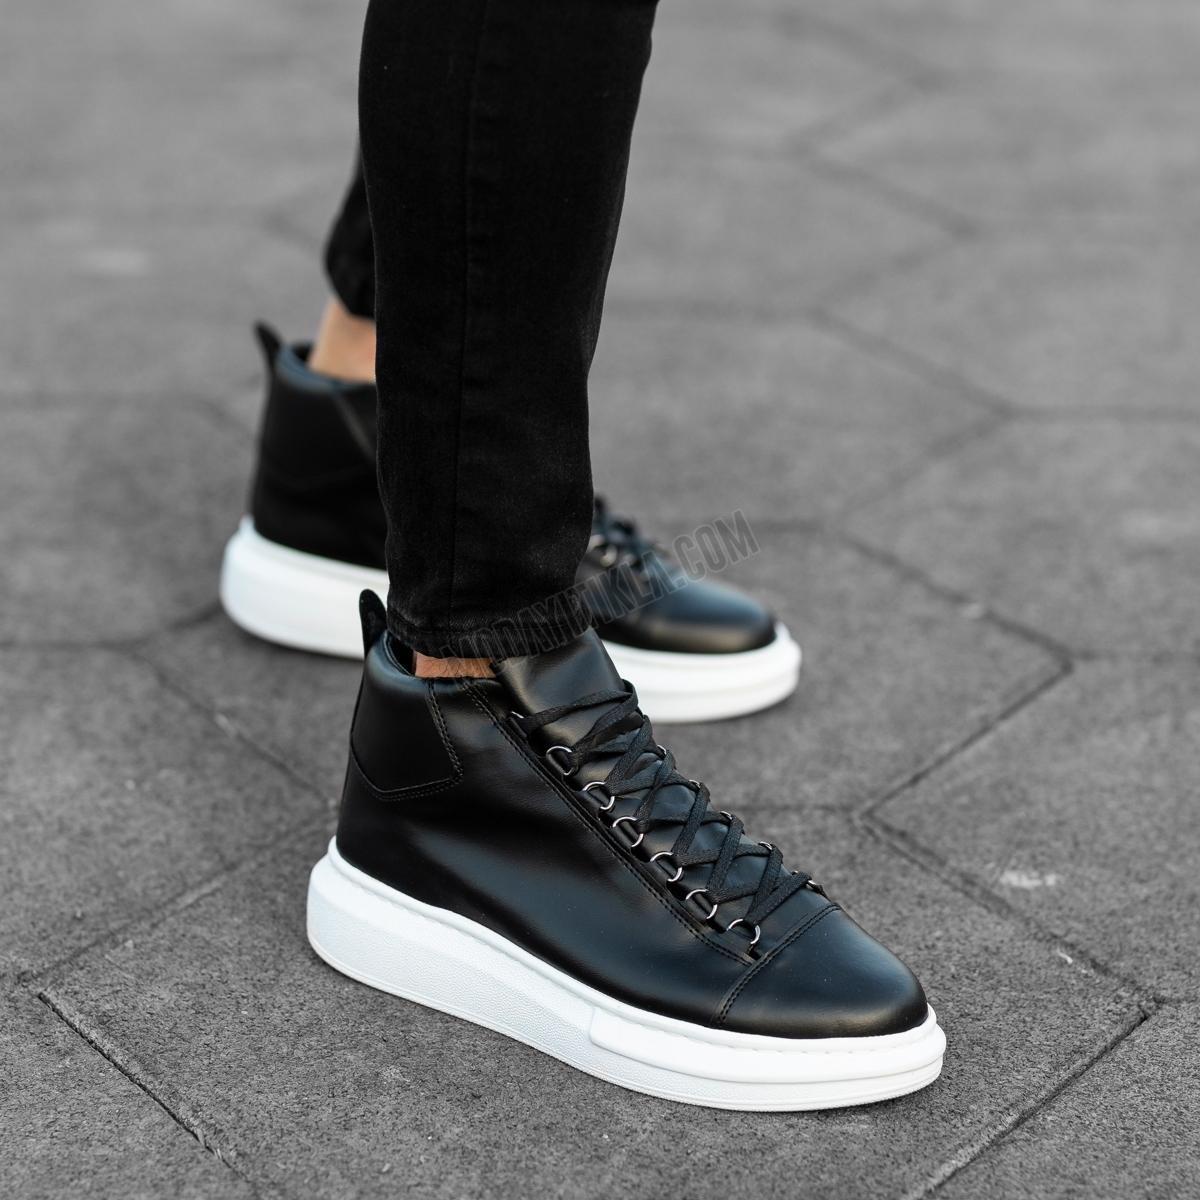 Erkek Yüksek Taban Siyah Beyaz Ayakkabı